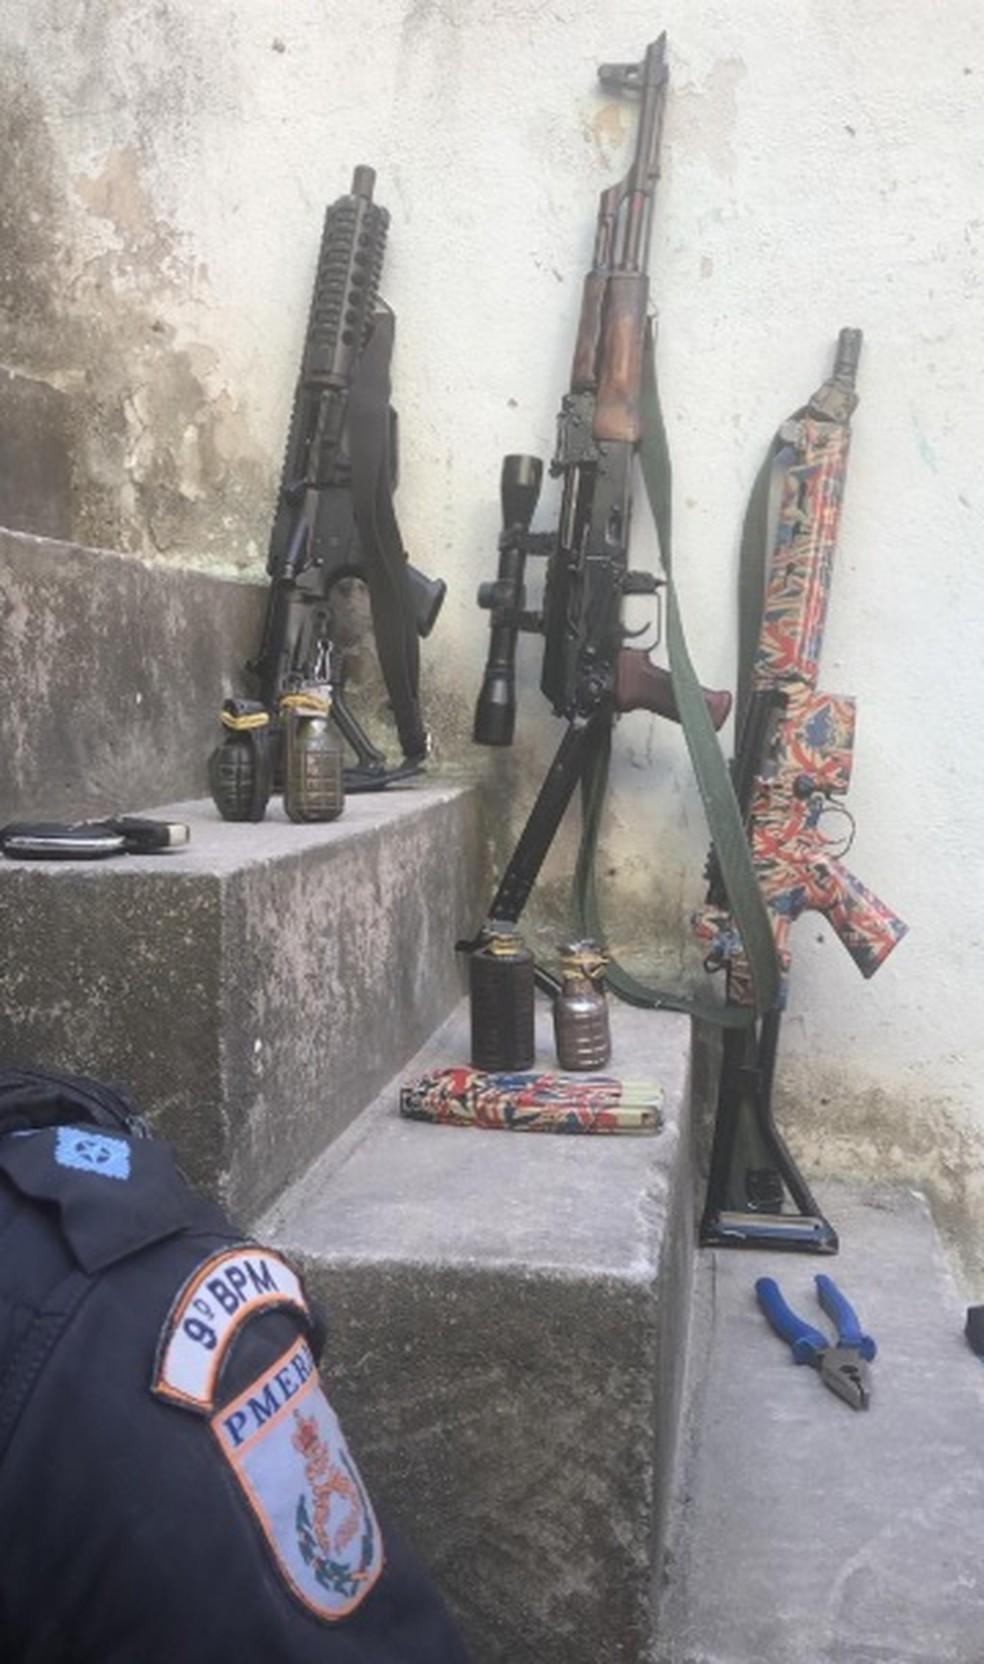 Segundo os policiais, três fuzis e quatro granadas foram apreendidas com eles — Foto: Divulgação/ PMERJ